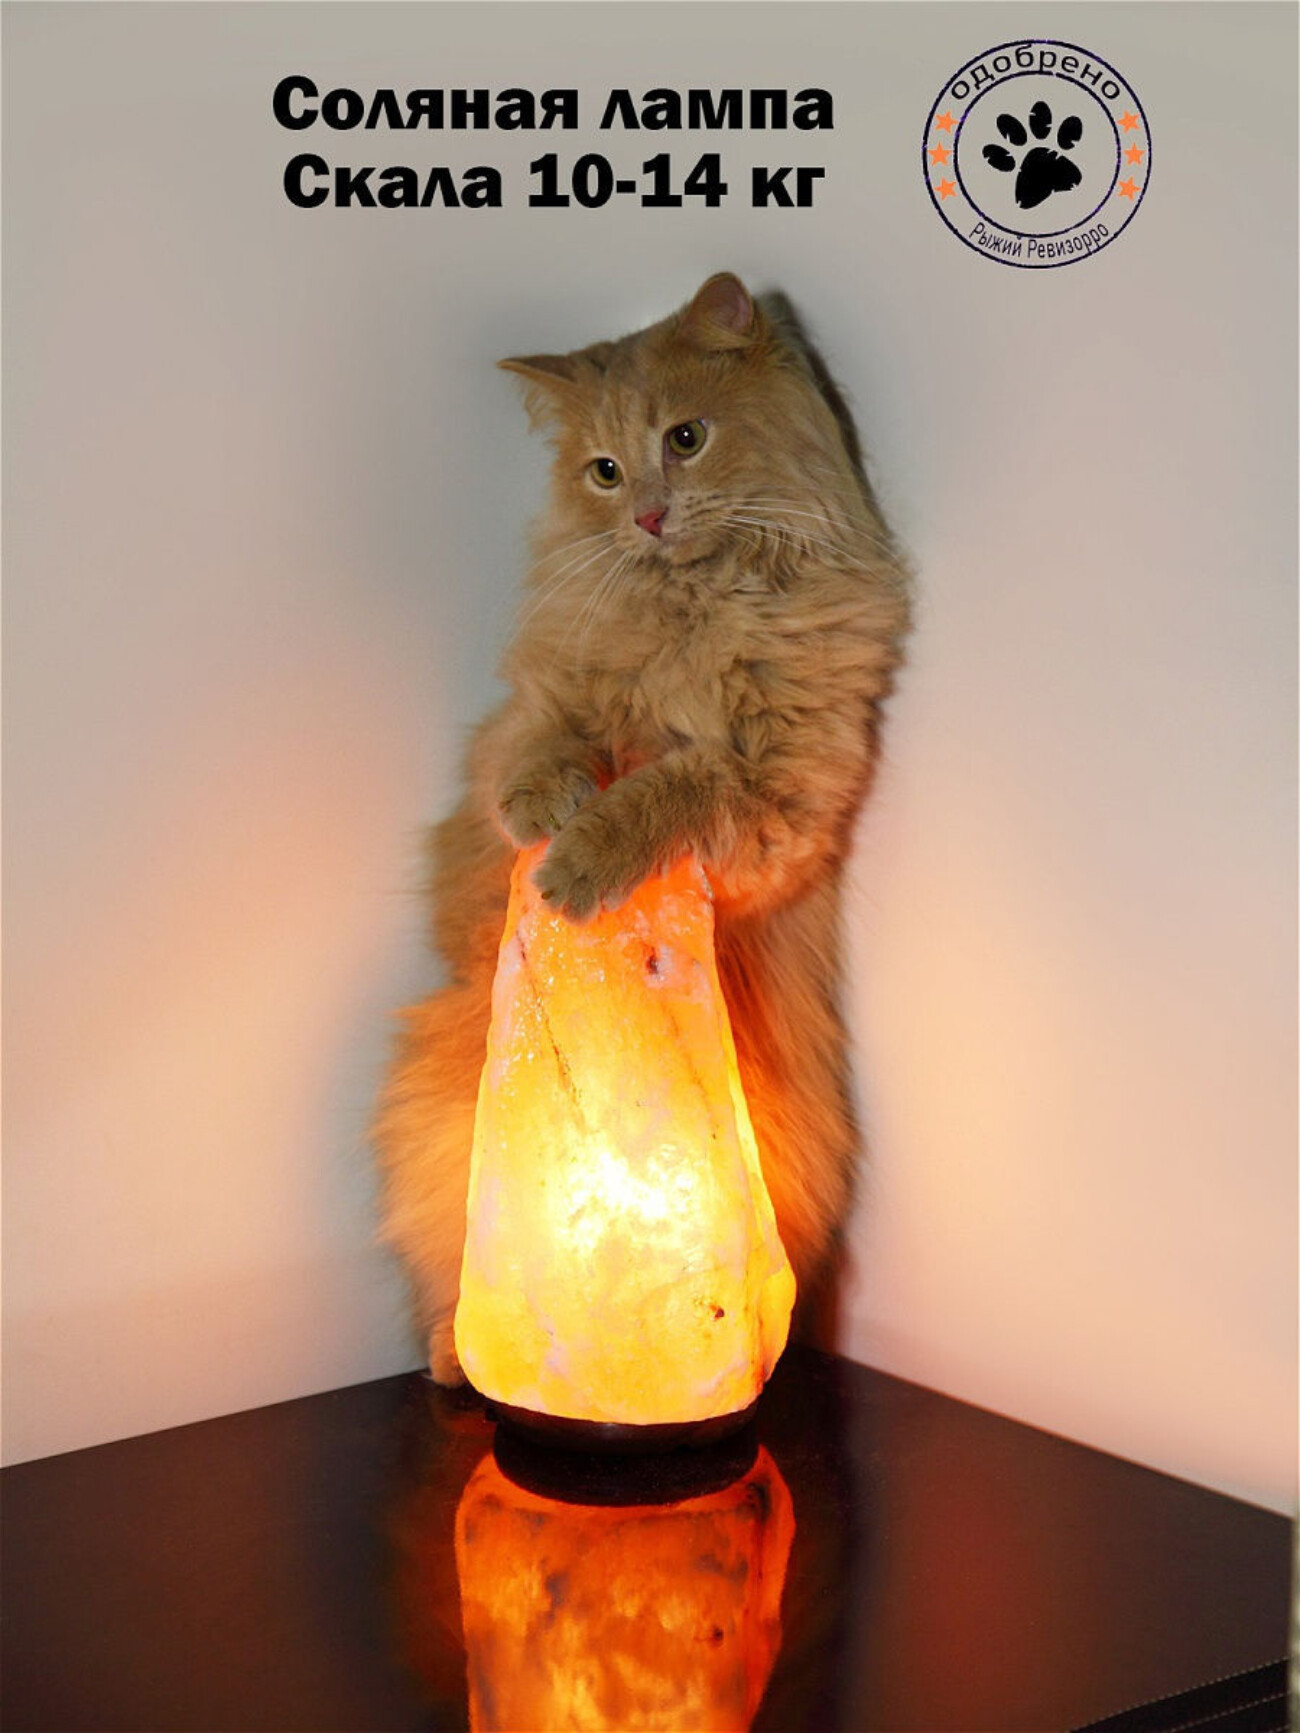 «Абсолютное читерство»: магазин солей и ламп заснял кота с товаром, чтобы быть заметнее на маркетплейсе